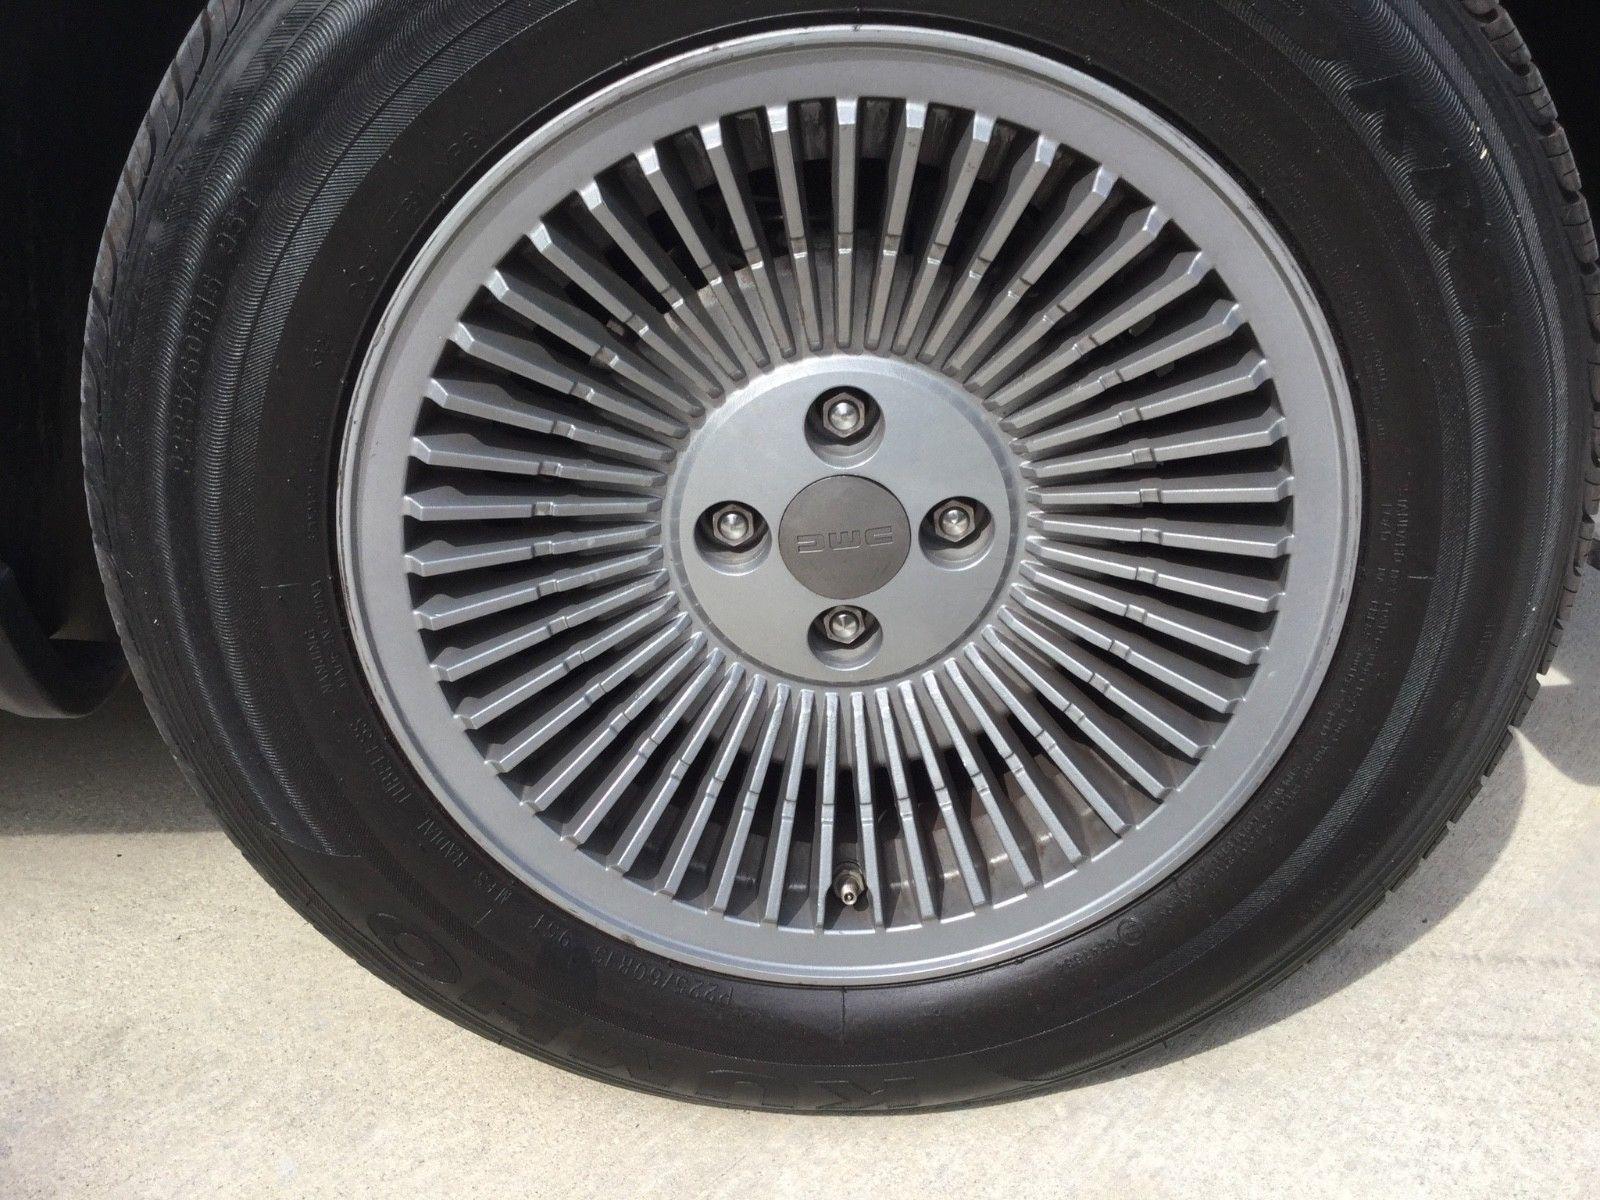 1981 DeLorean DMC-12 wheel